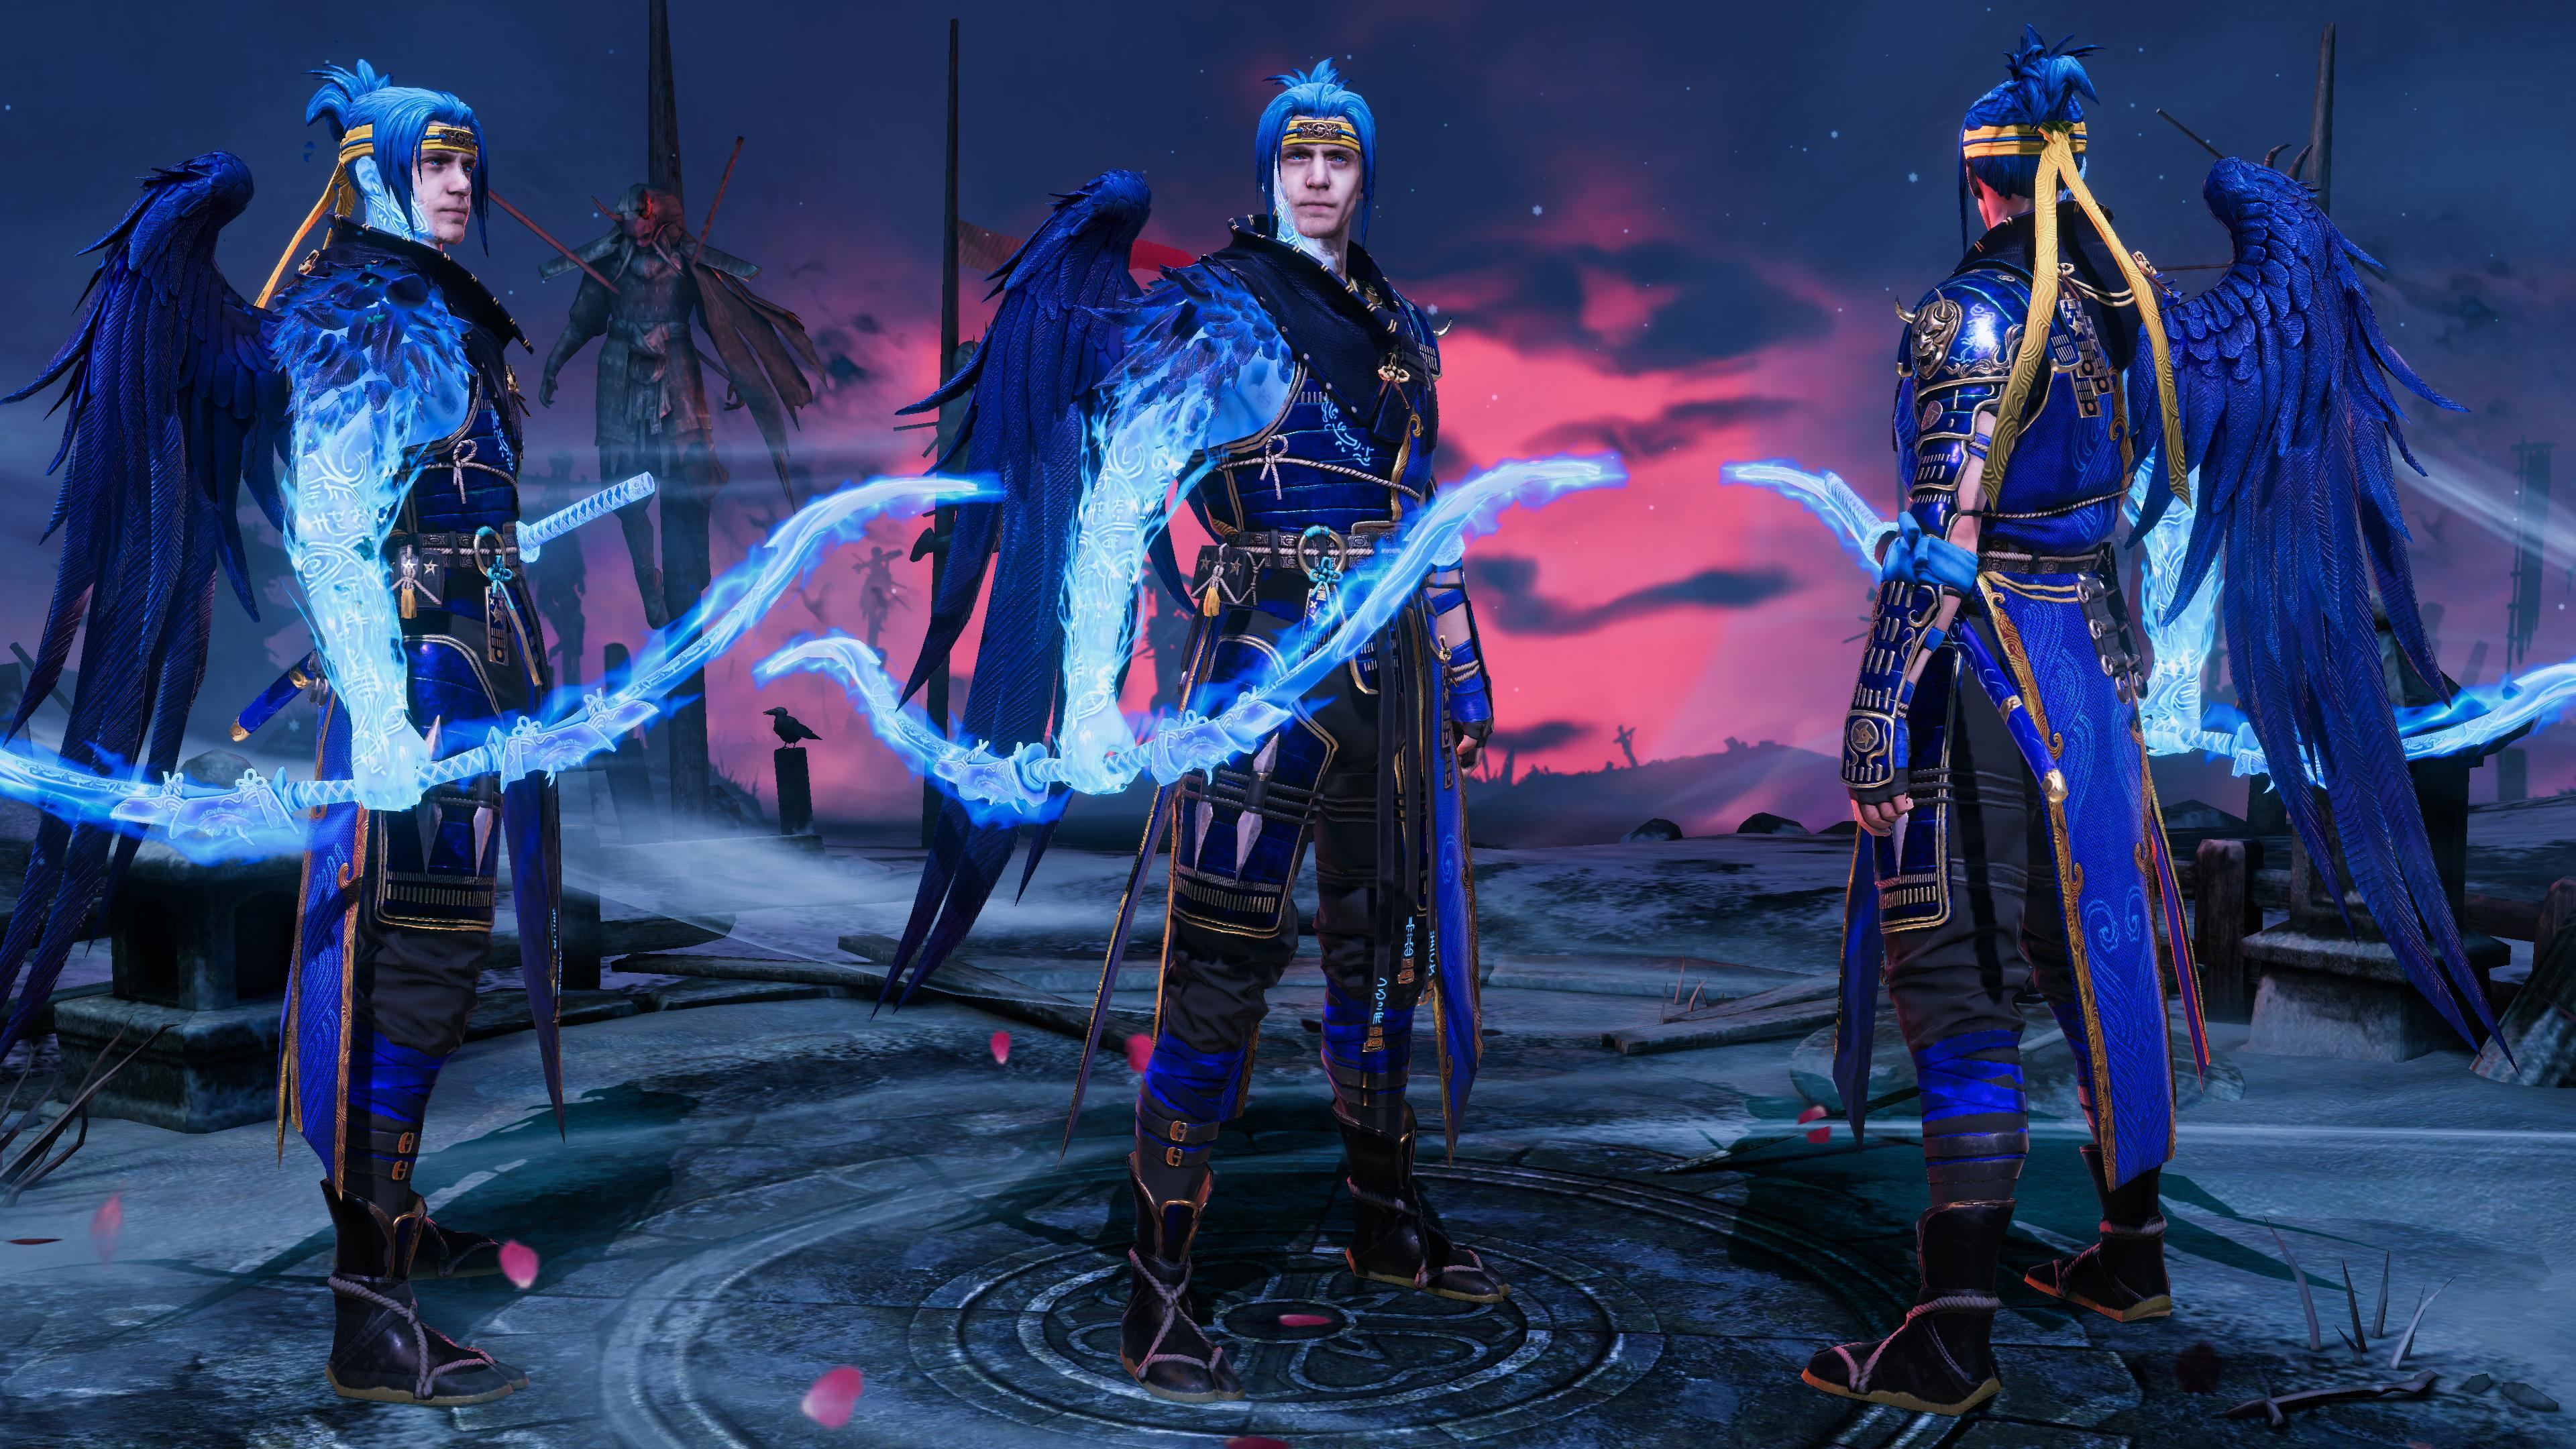 Ninja in Raid: Shadow Legends